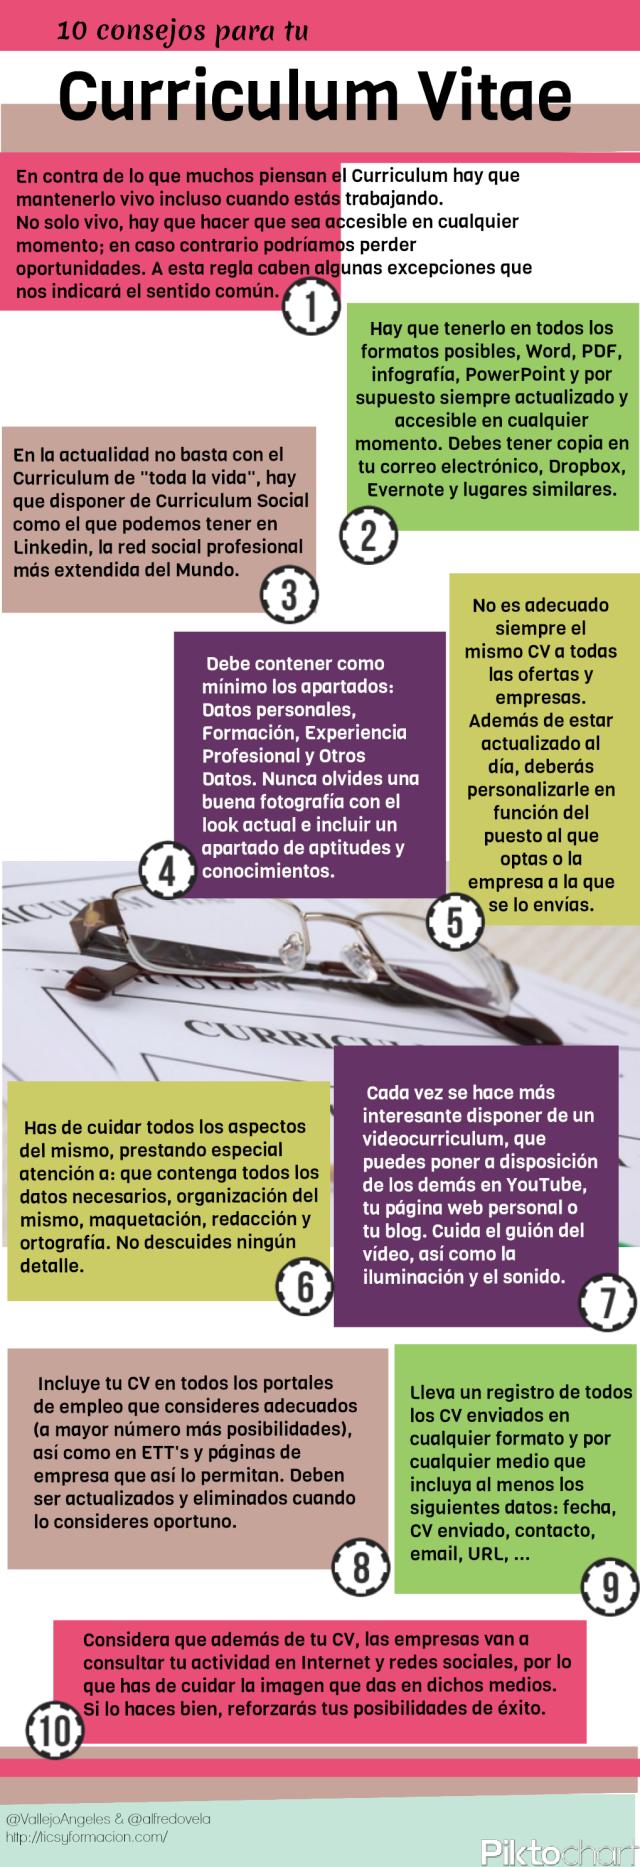 10 consejos para tu Curriculum Vitae #infografia #infographic ...